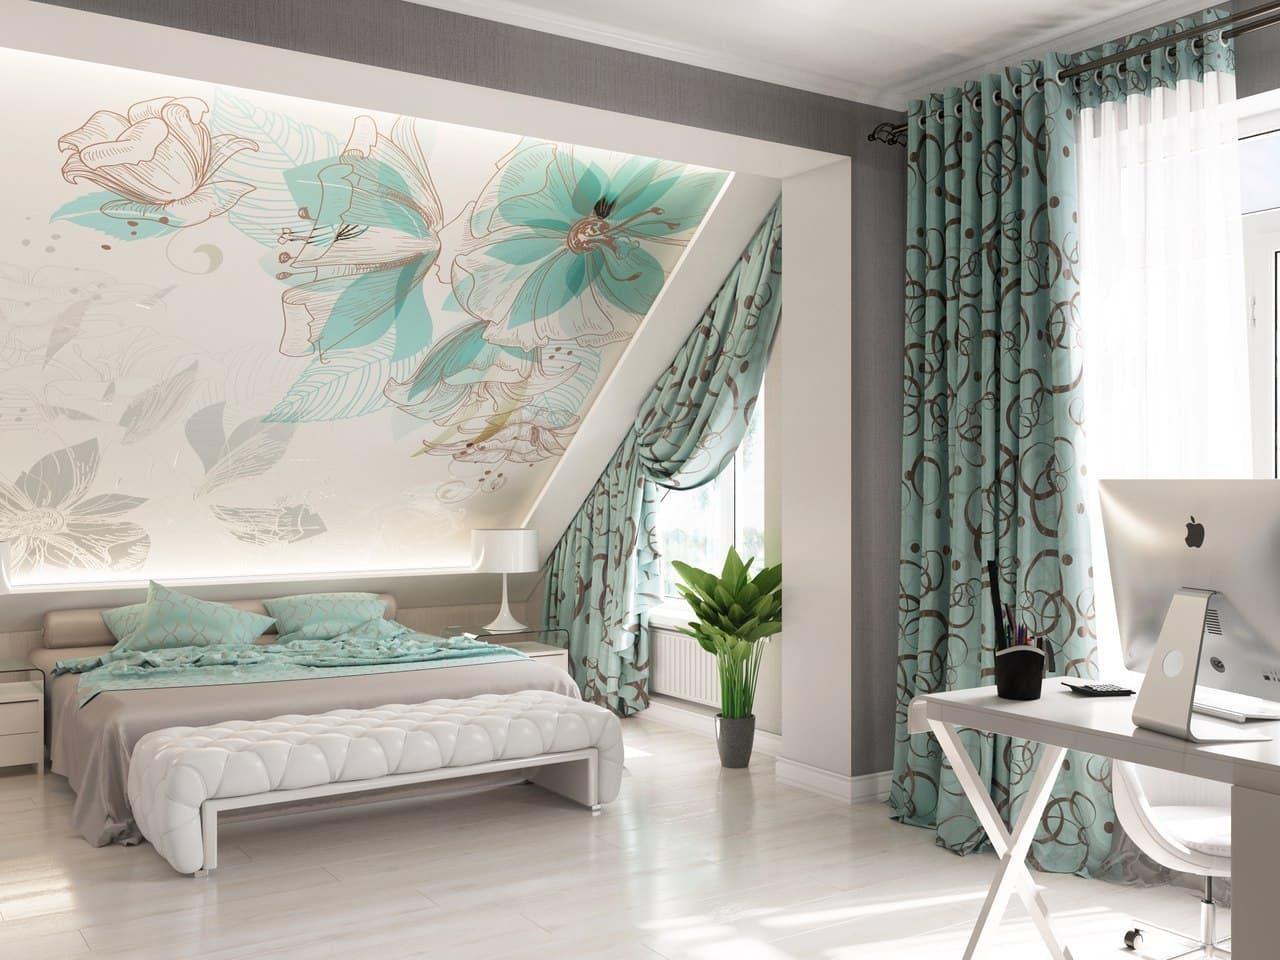 Si le papier peint et les rideaux sont en bonne harmonie, alors cette décoration intérieure peut être qualifiée d'idéale.